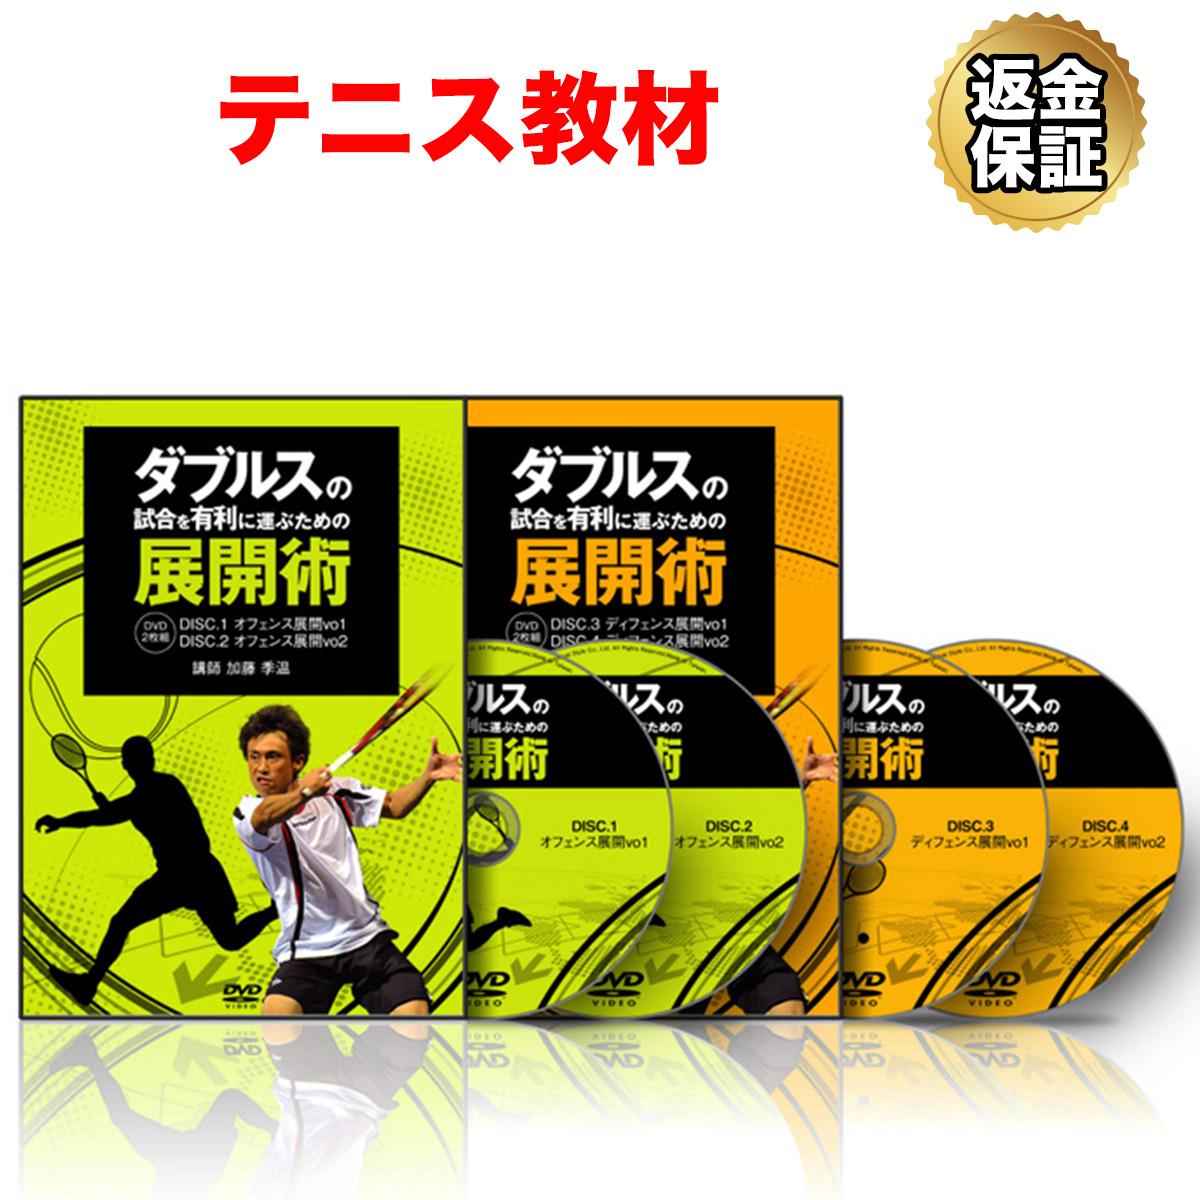 【テニス】ダブルスの試合を有利に運ぶための展開術 フルセット SS